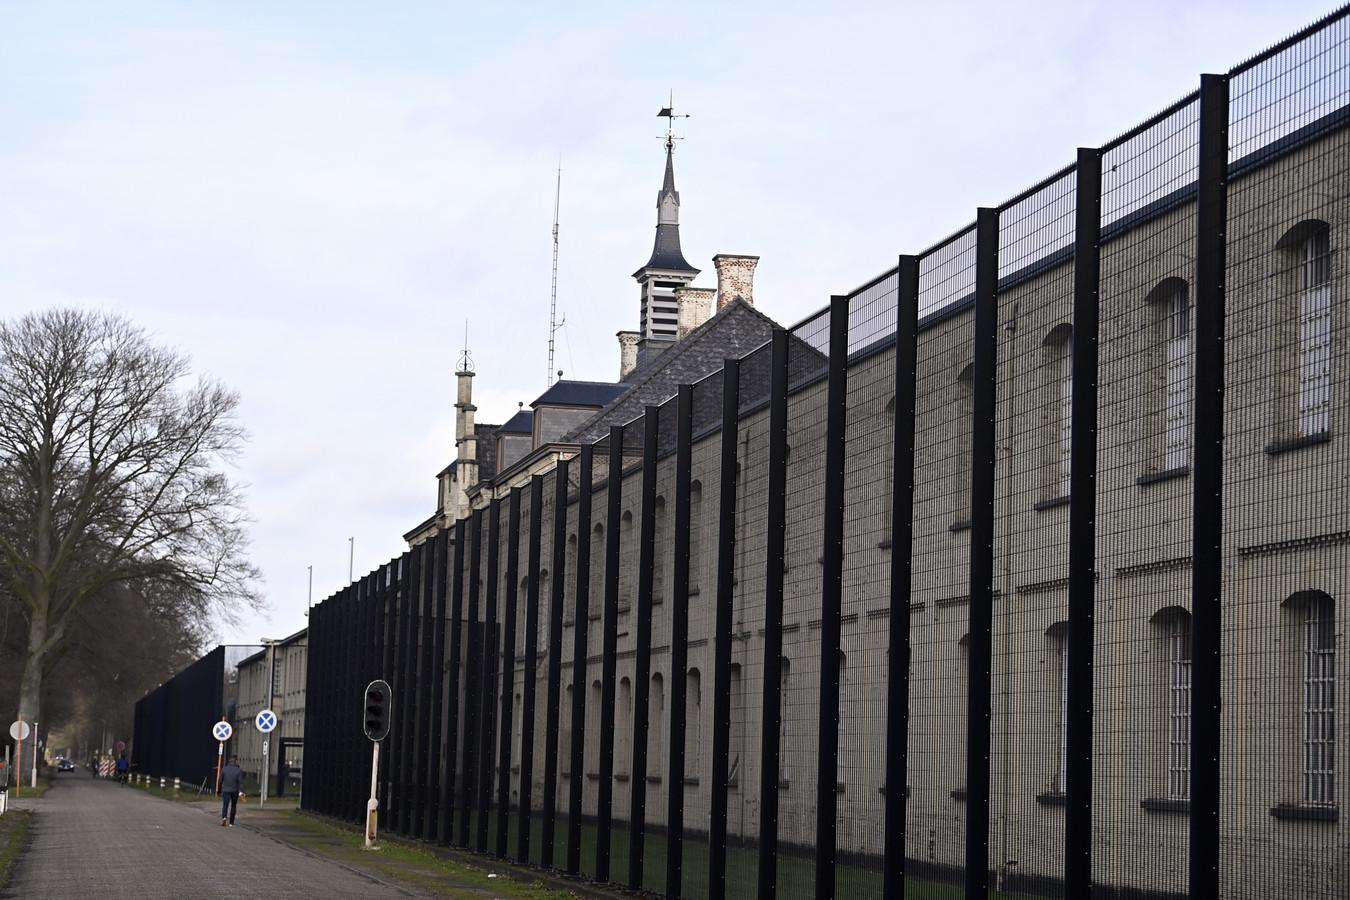 La prison de Merksplas, le mercredi 17 février 2021.